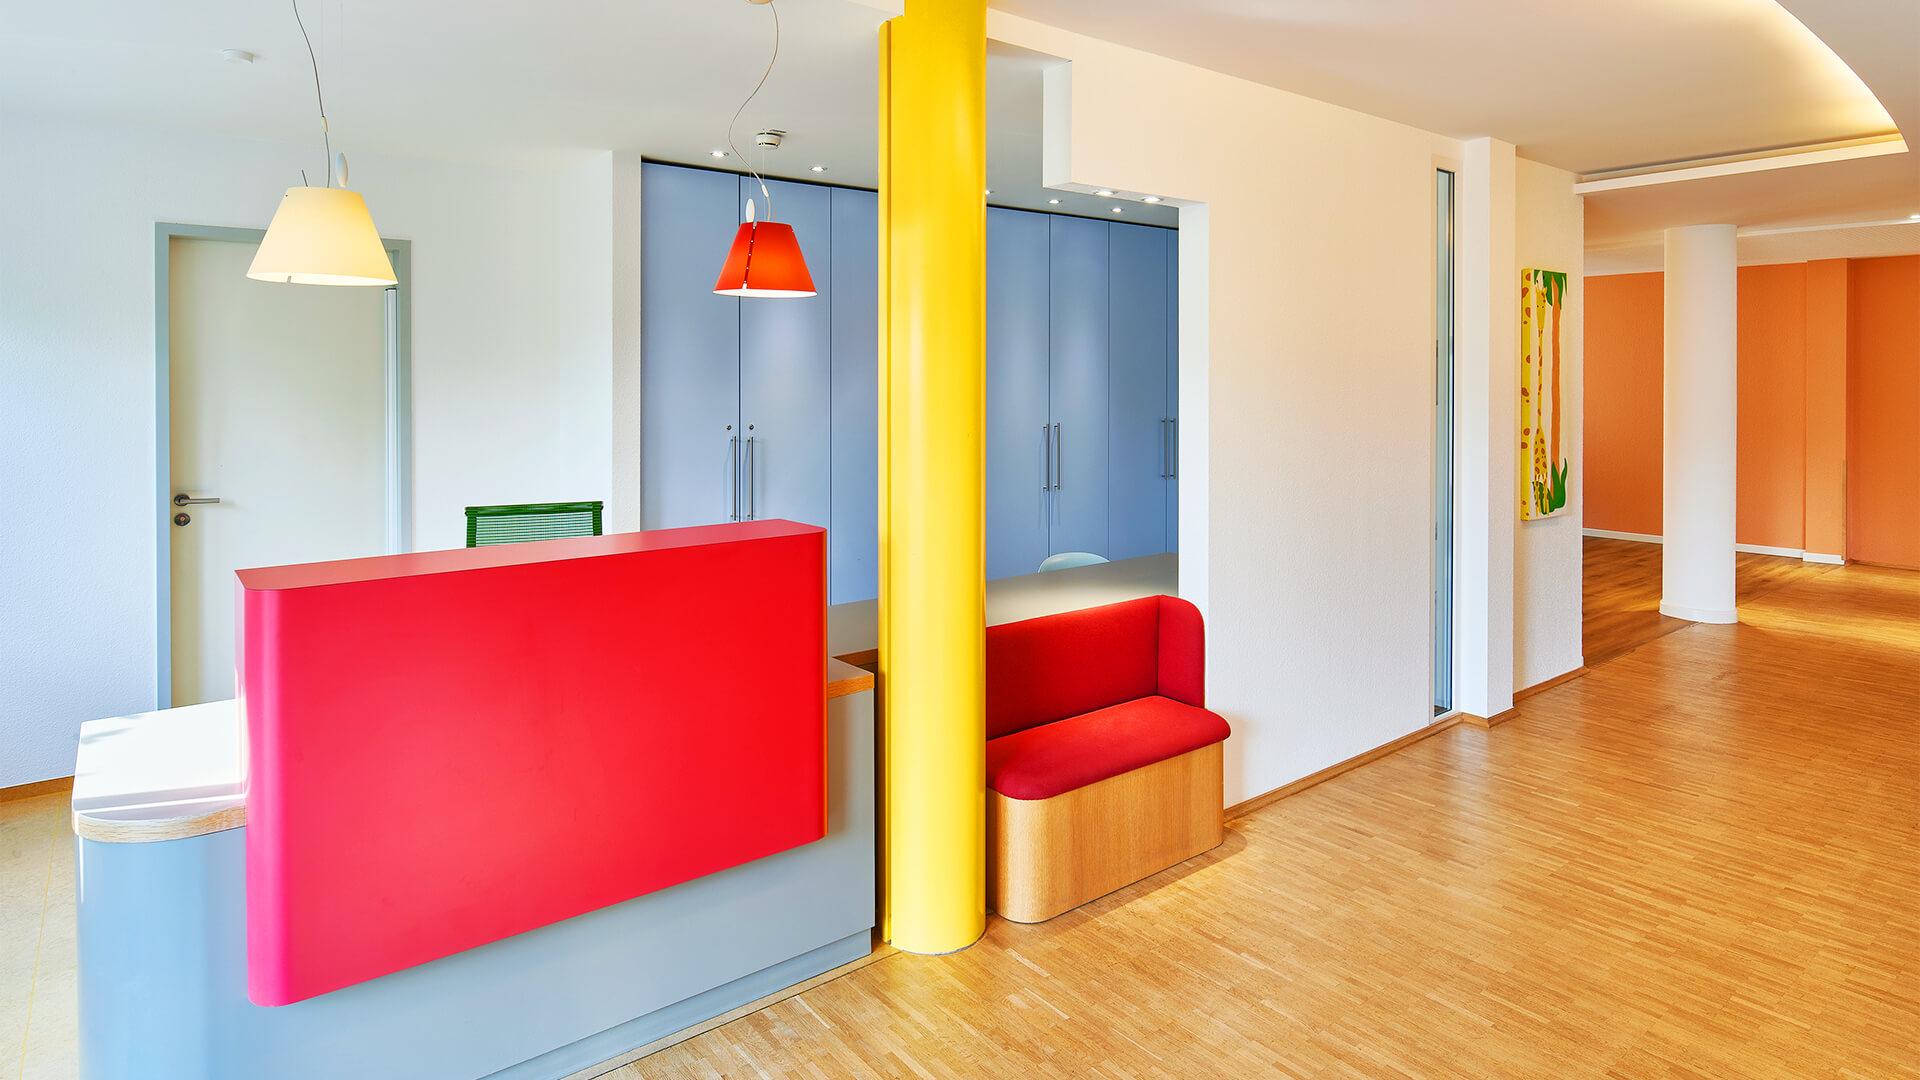 Flur / Empfang in rot, gelb und blautönen mit gemaltem Kinderbild an der Wand